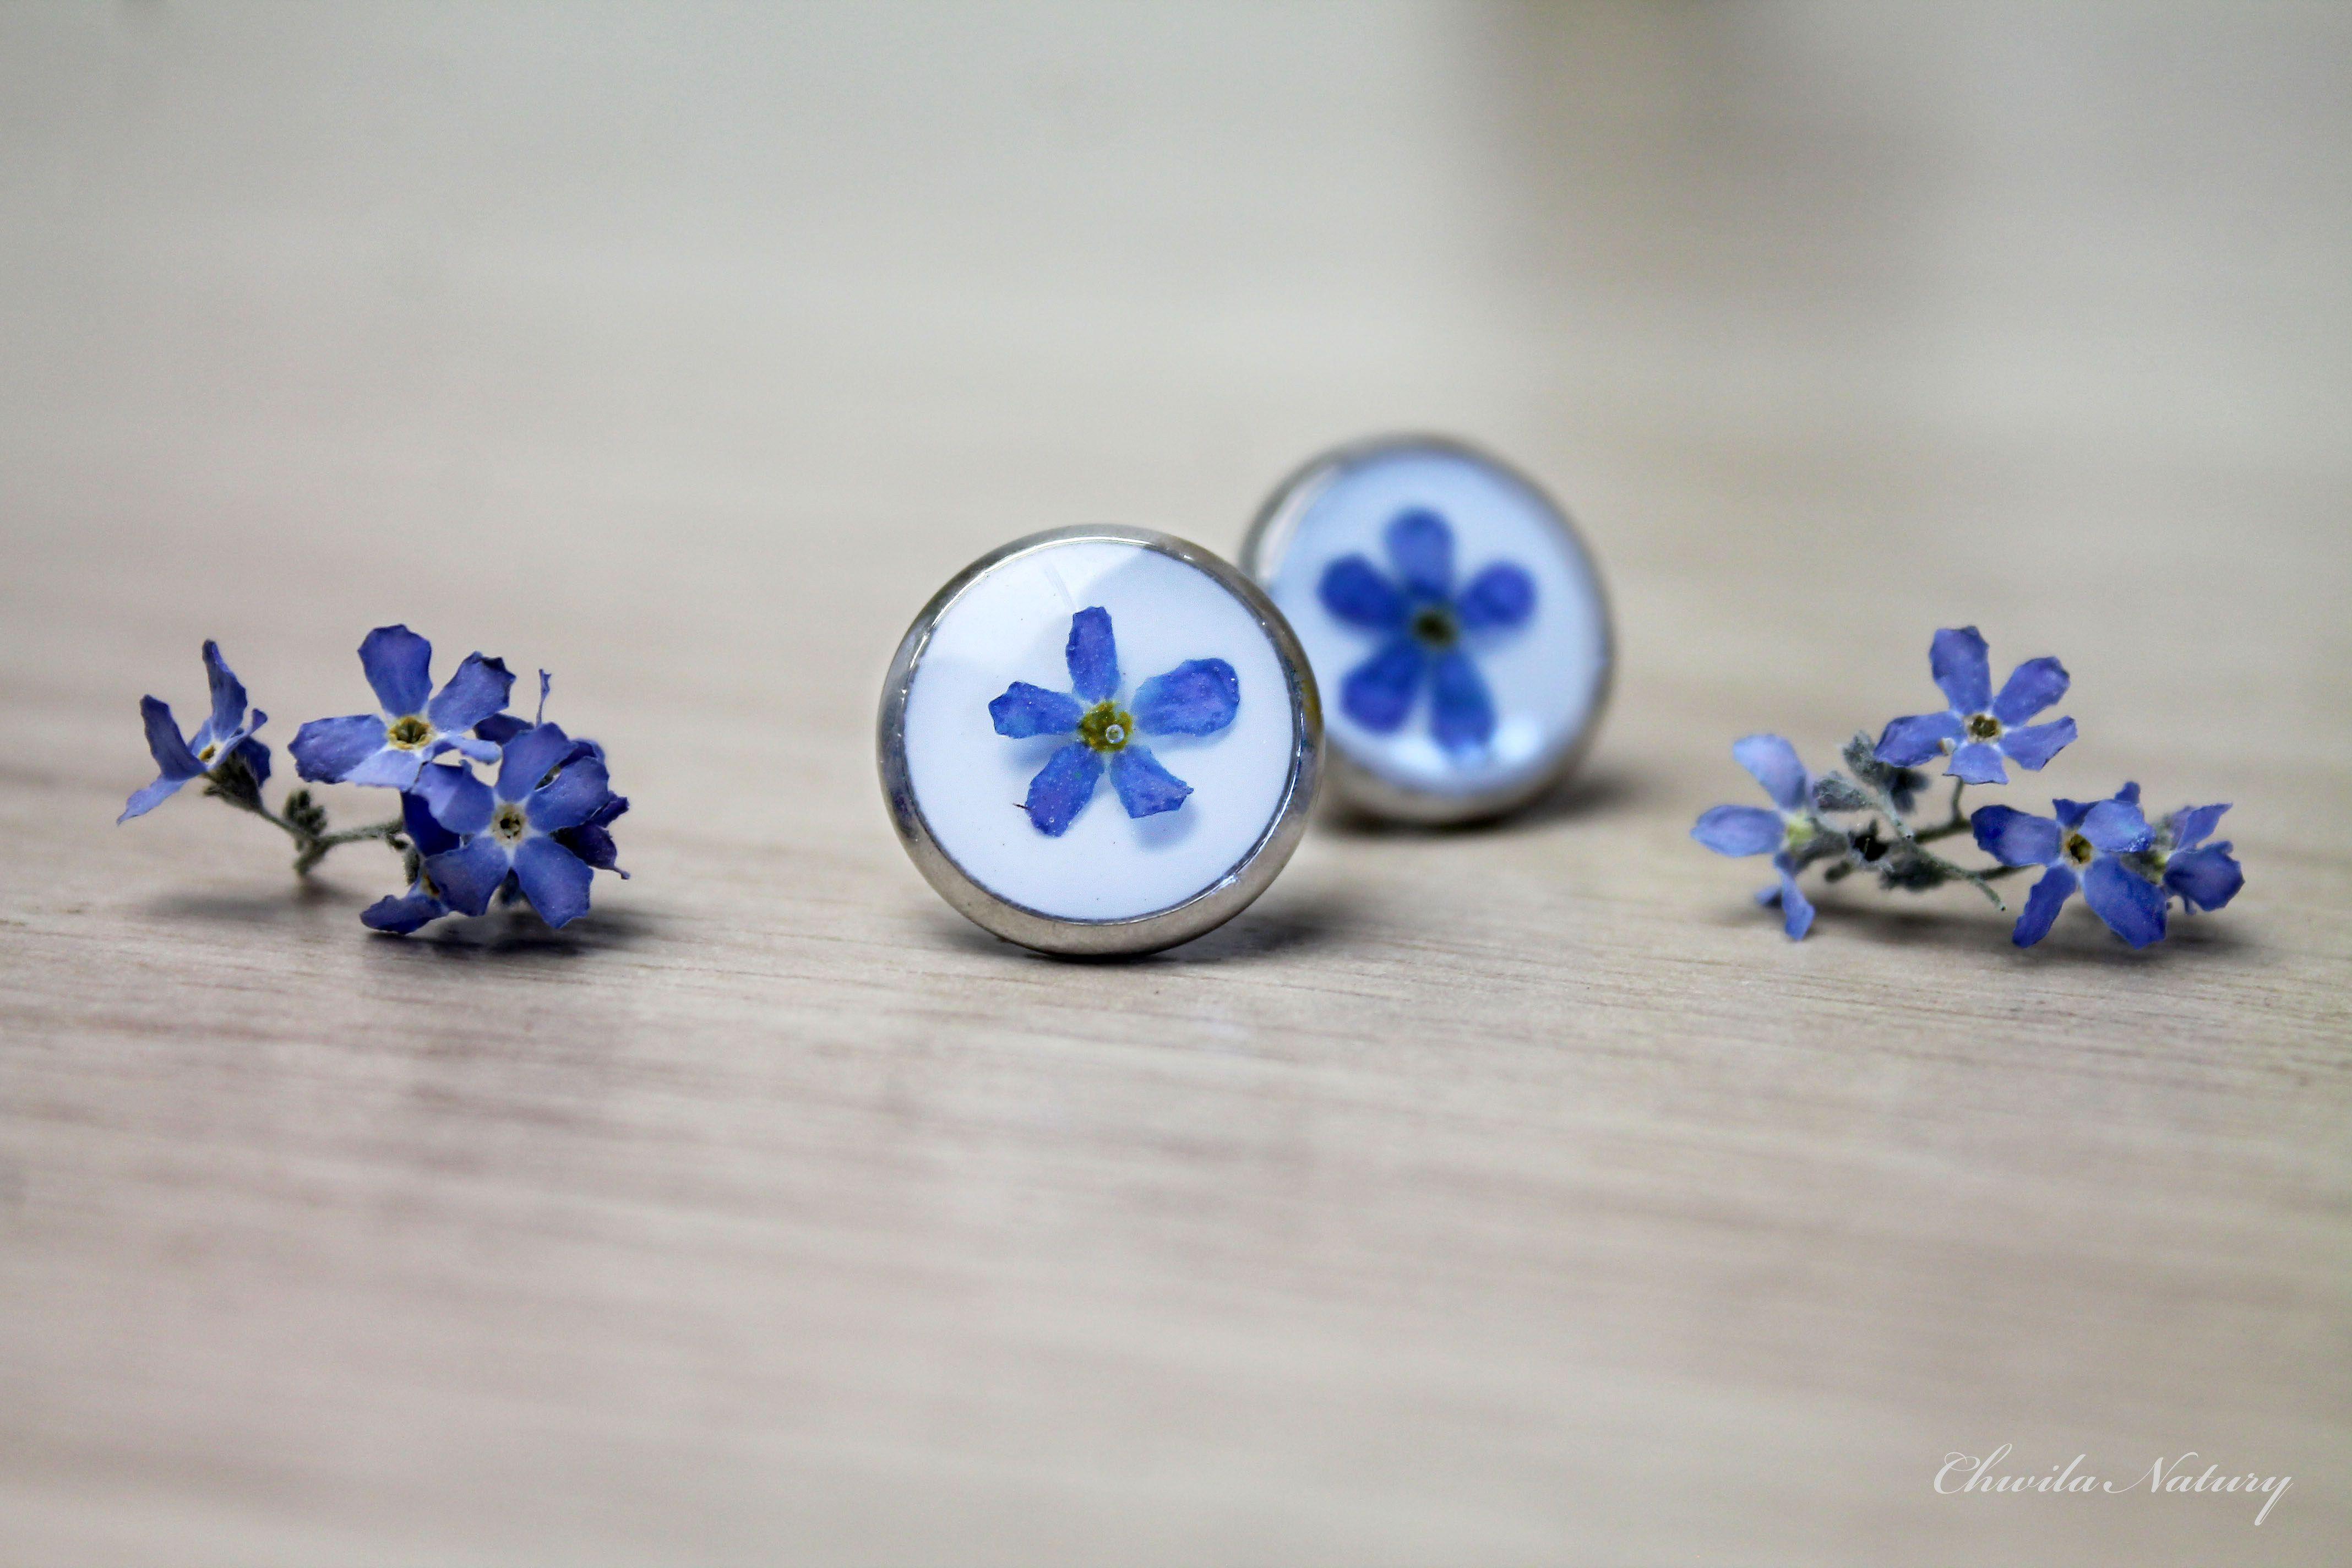 Delikatne Kolczyki Wkretki Wykonane Recznie Ze Stali I Zywicy A W Nich Prawdziwe Niezapominajki 3 Stud Earrings Jewelry Earrings